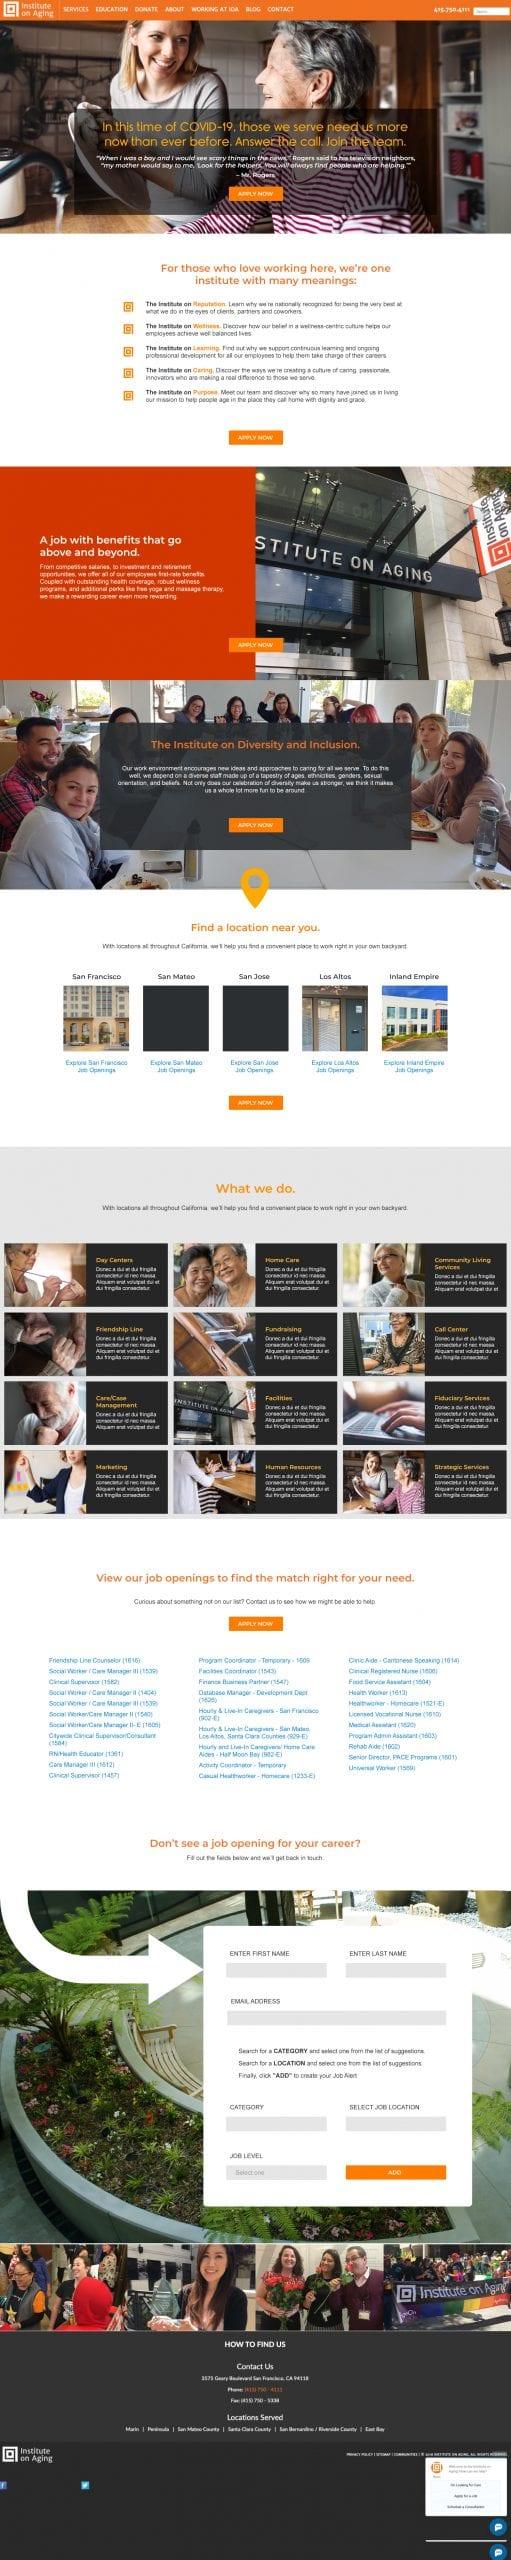 web-page-mock-1500-x-2634px-v2